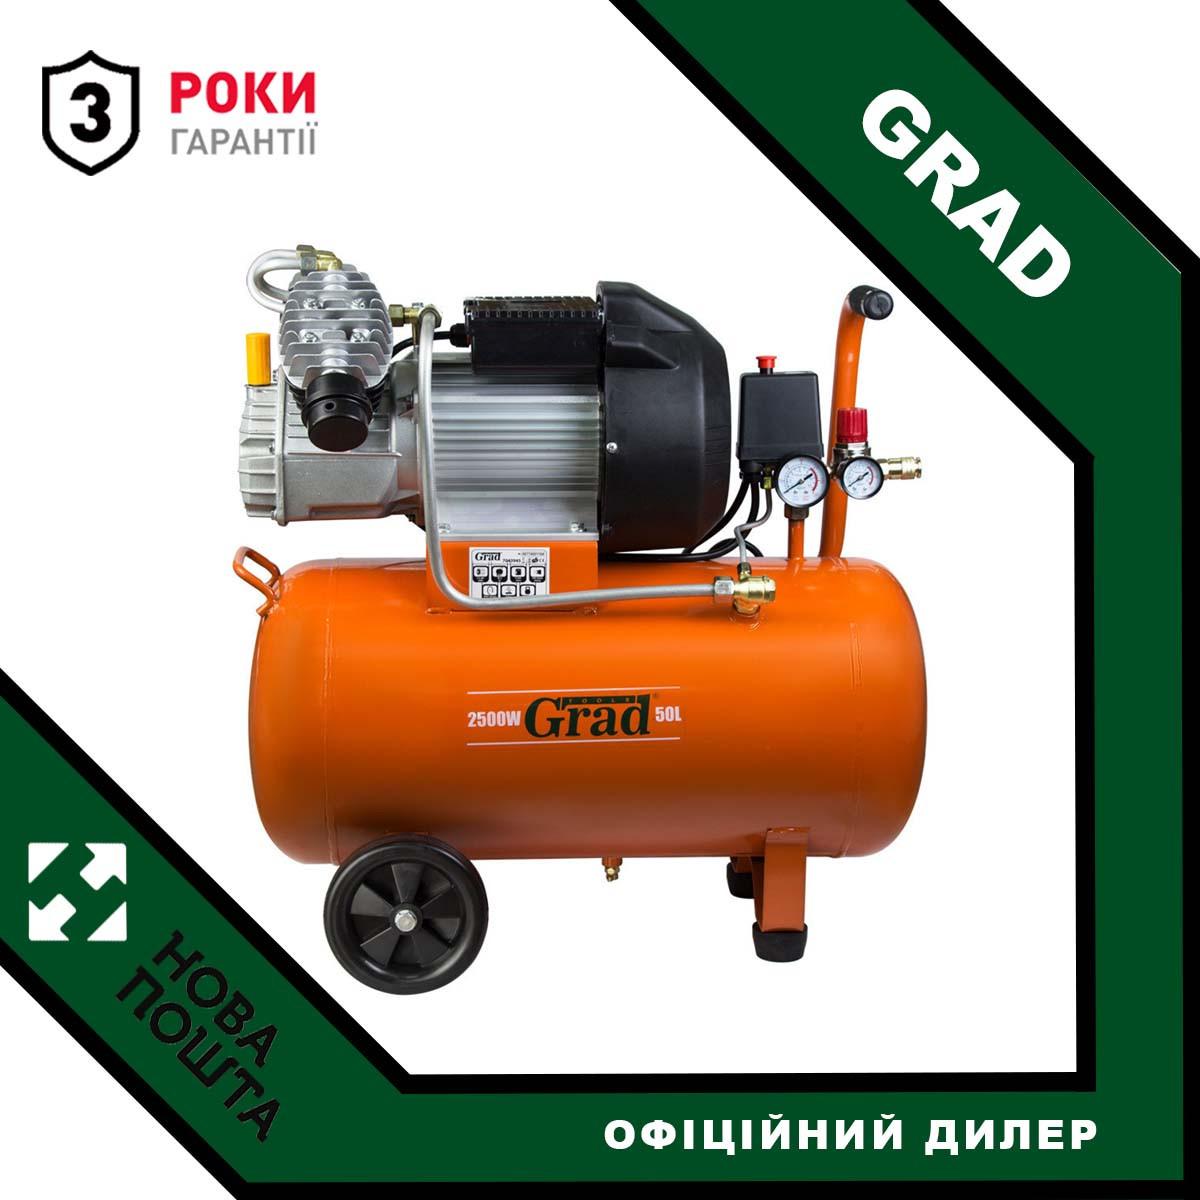 Компрессор Grad V 2.5кВт 50л (2 крана)